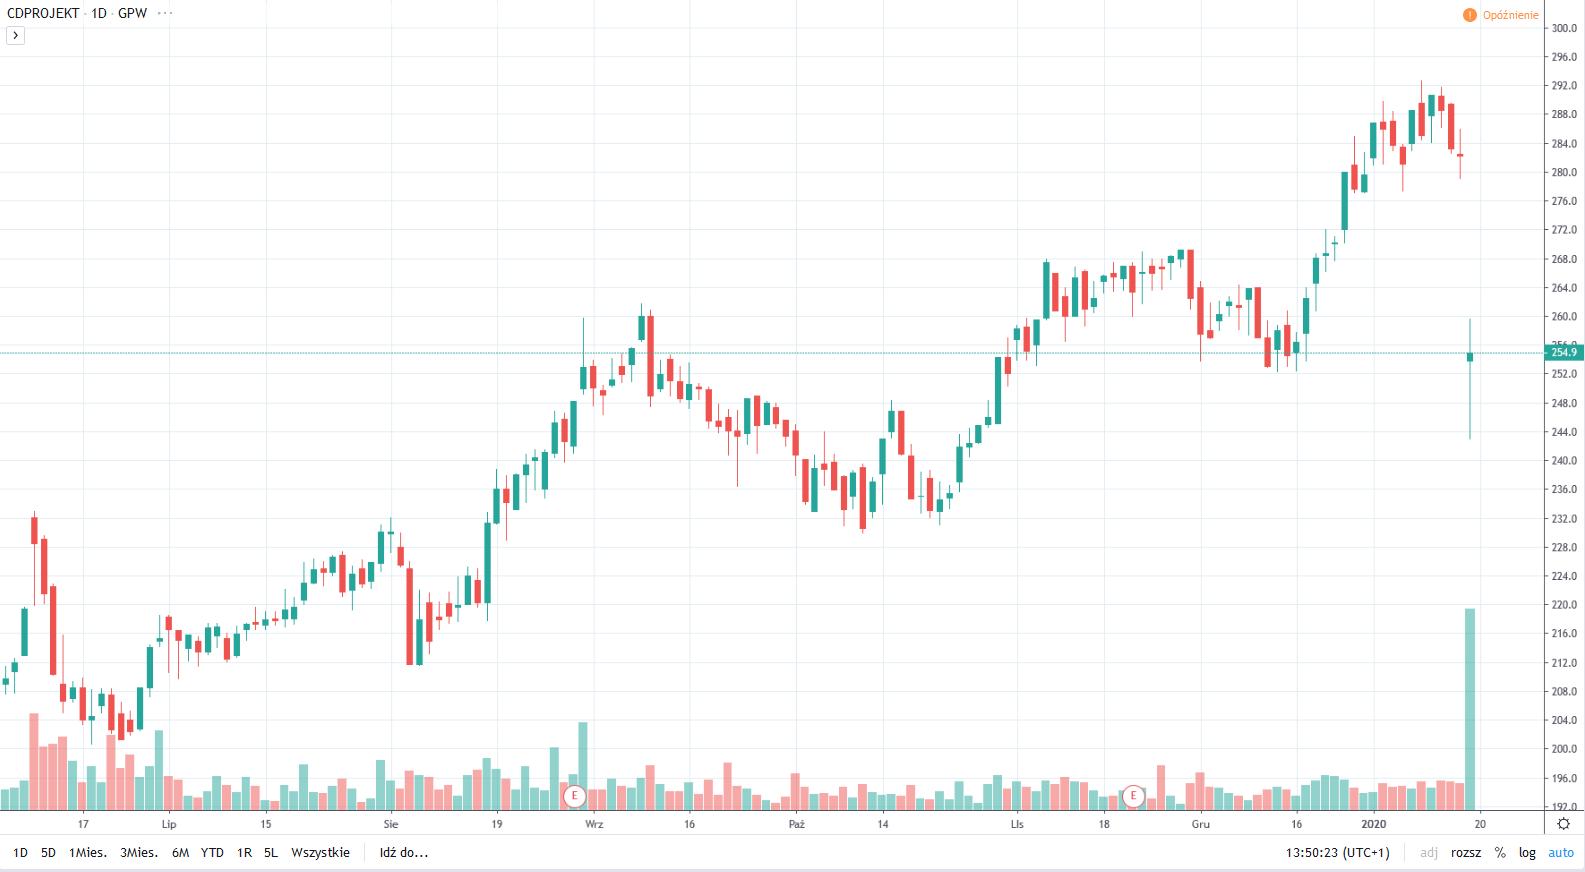 Cena akcji CD Projekt spada o prawie 10%